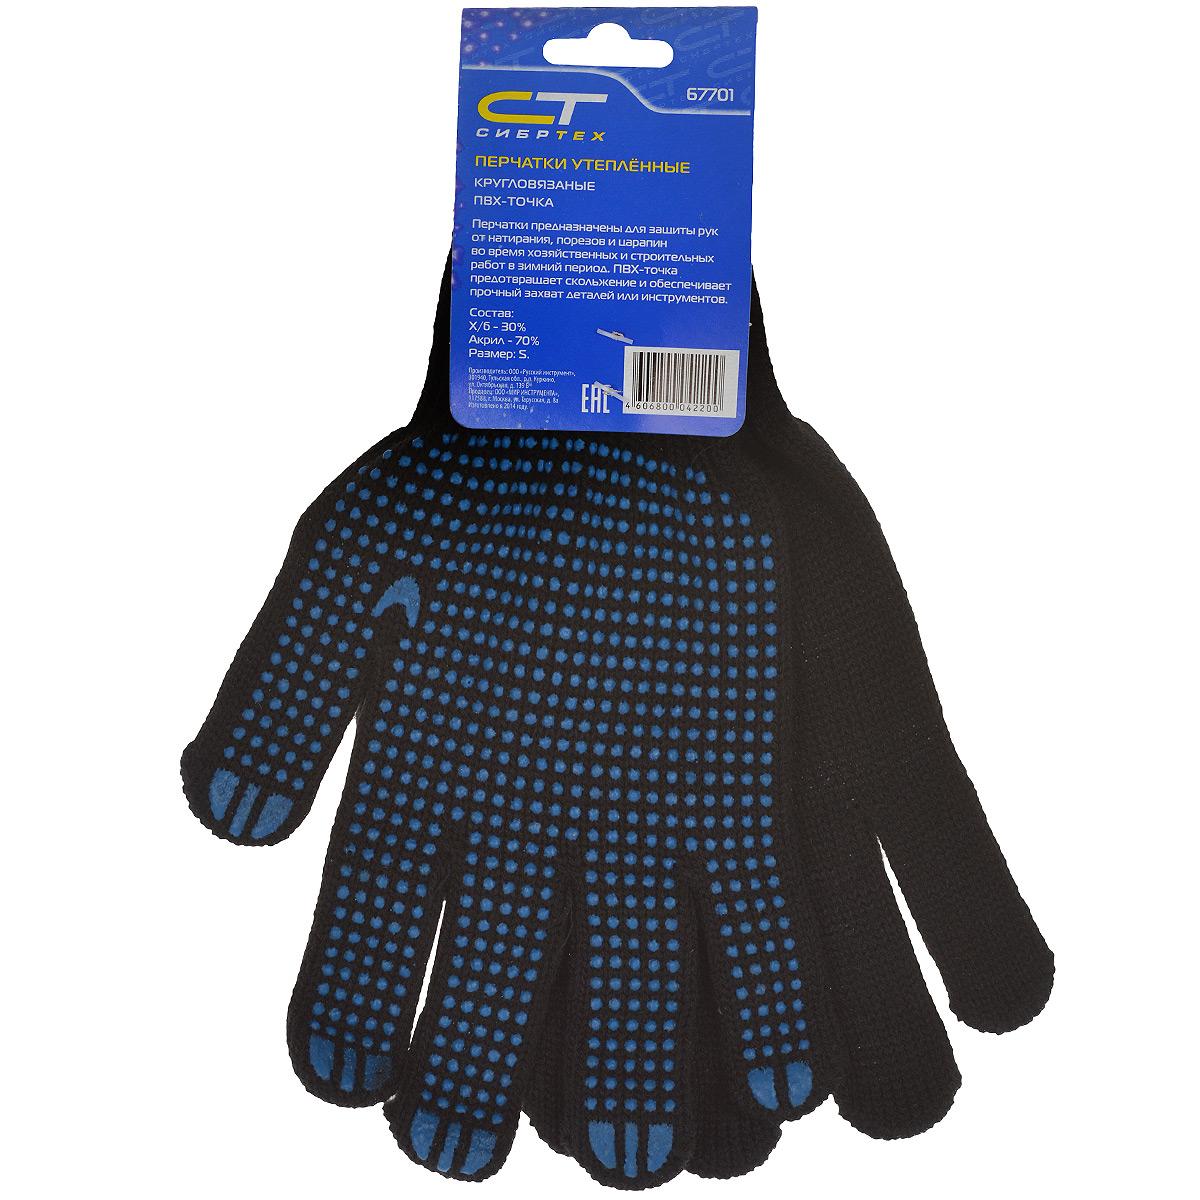 Перчатки утепленные Сибртех. Размер S перчатки утепленные зубр 11468 s флис подкладка спилк наладонник акрил полушерсть s m